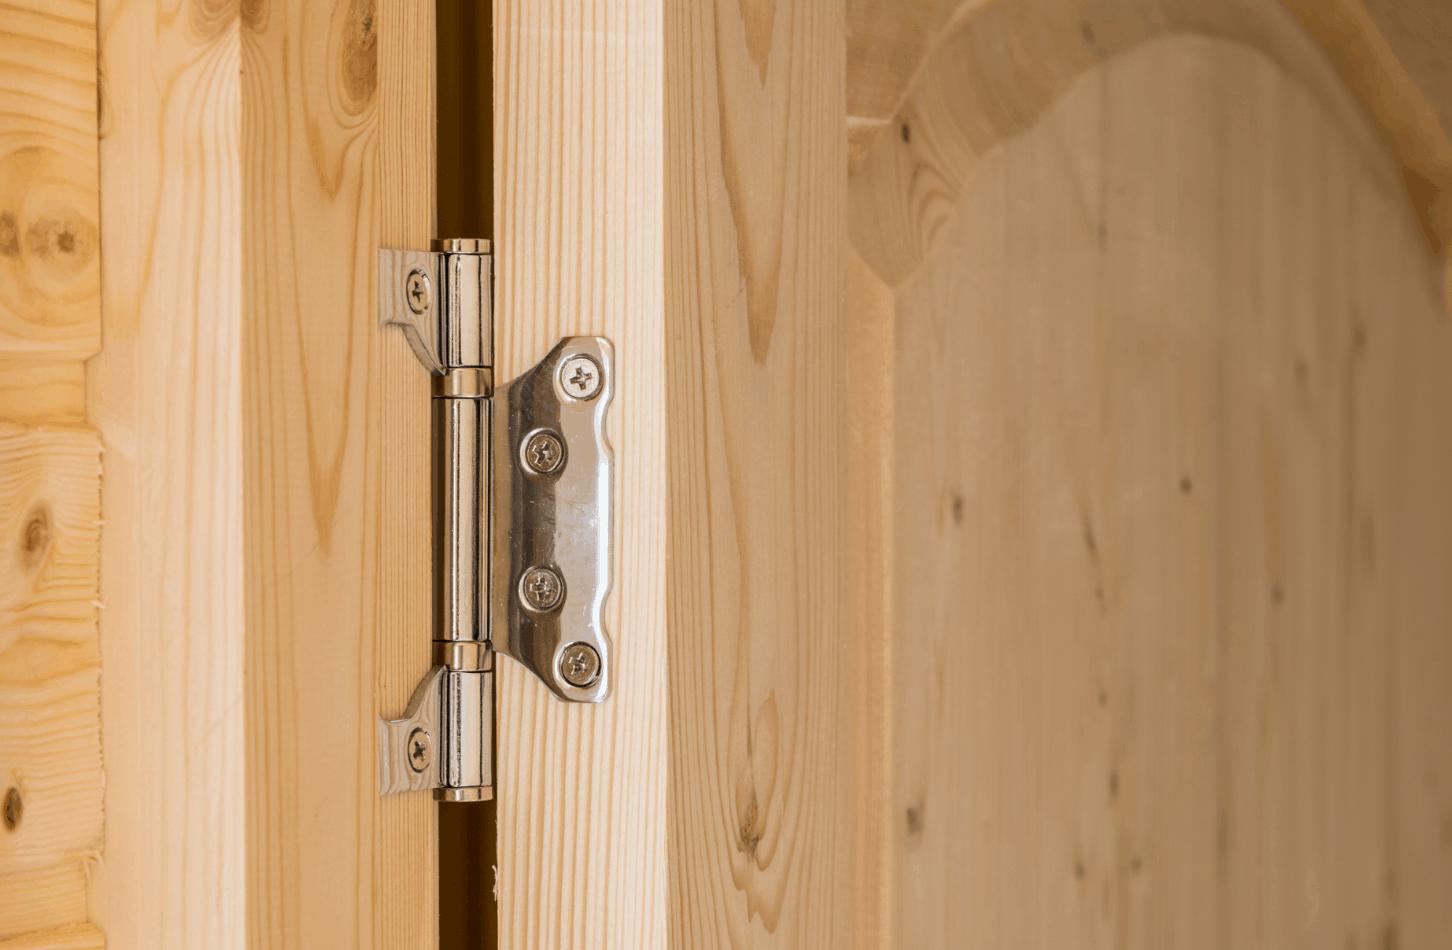 Kā novērst durvju čīkstēšanu